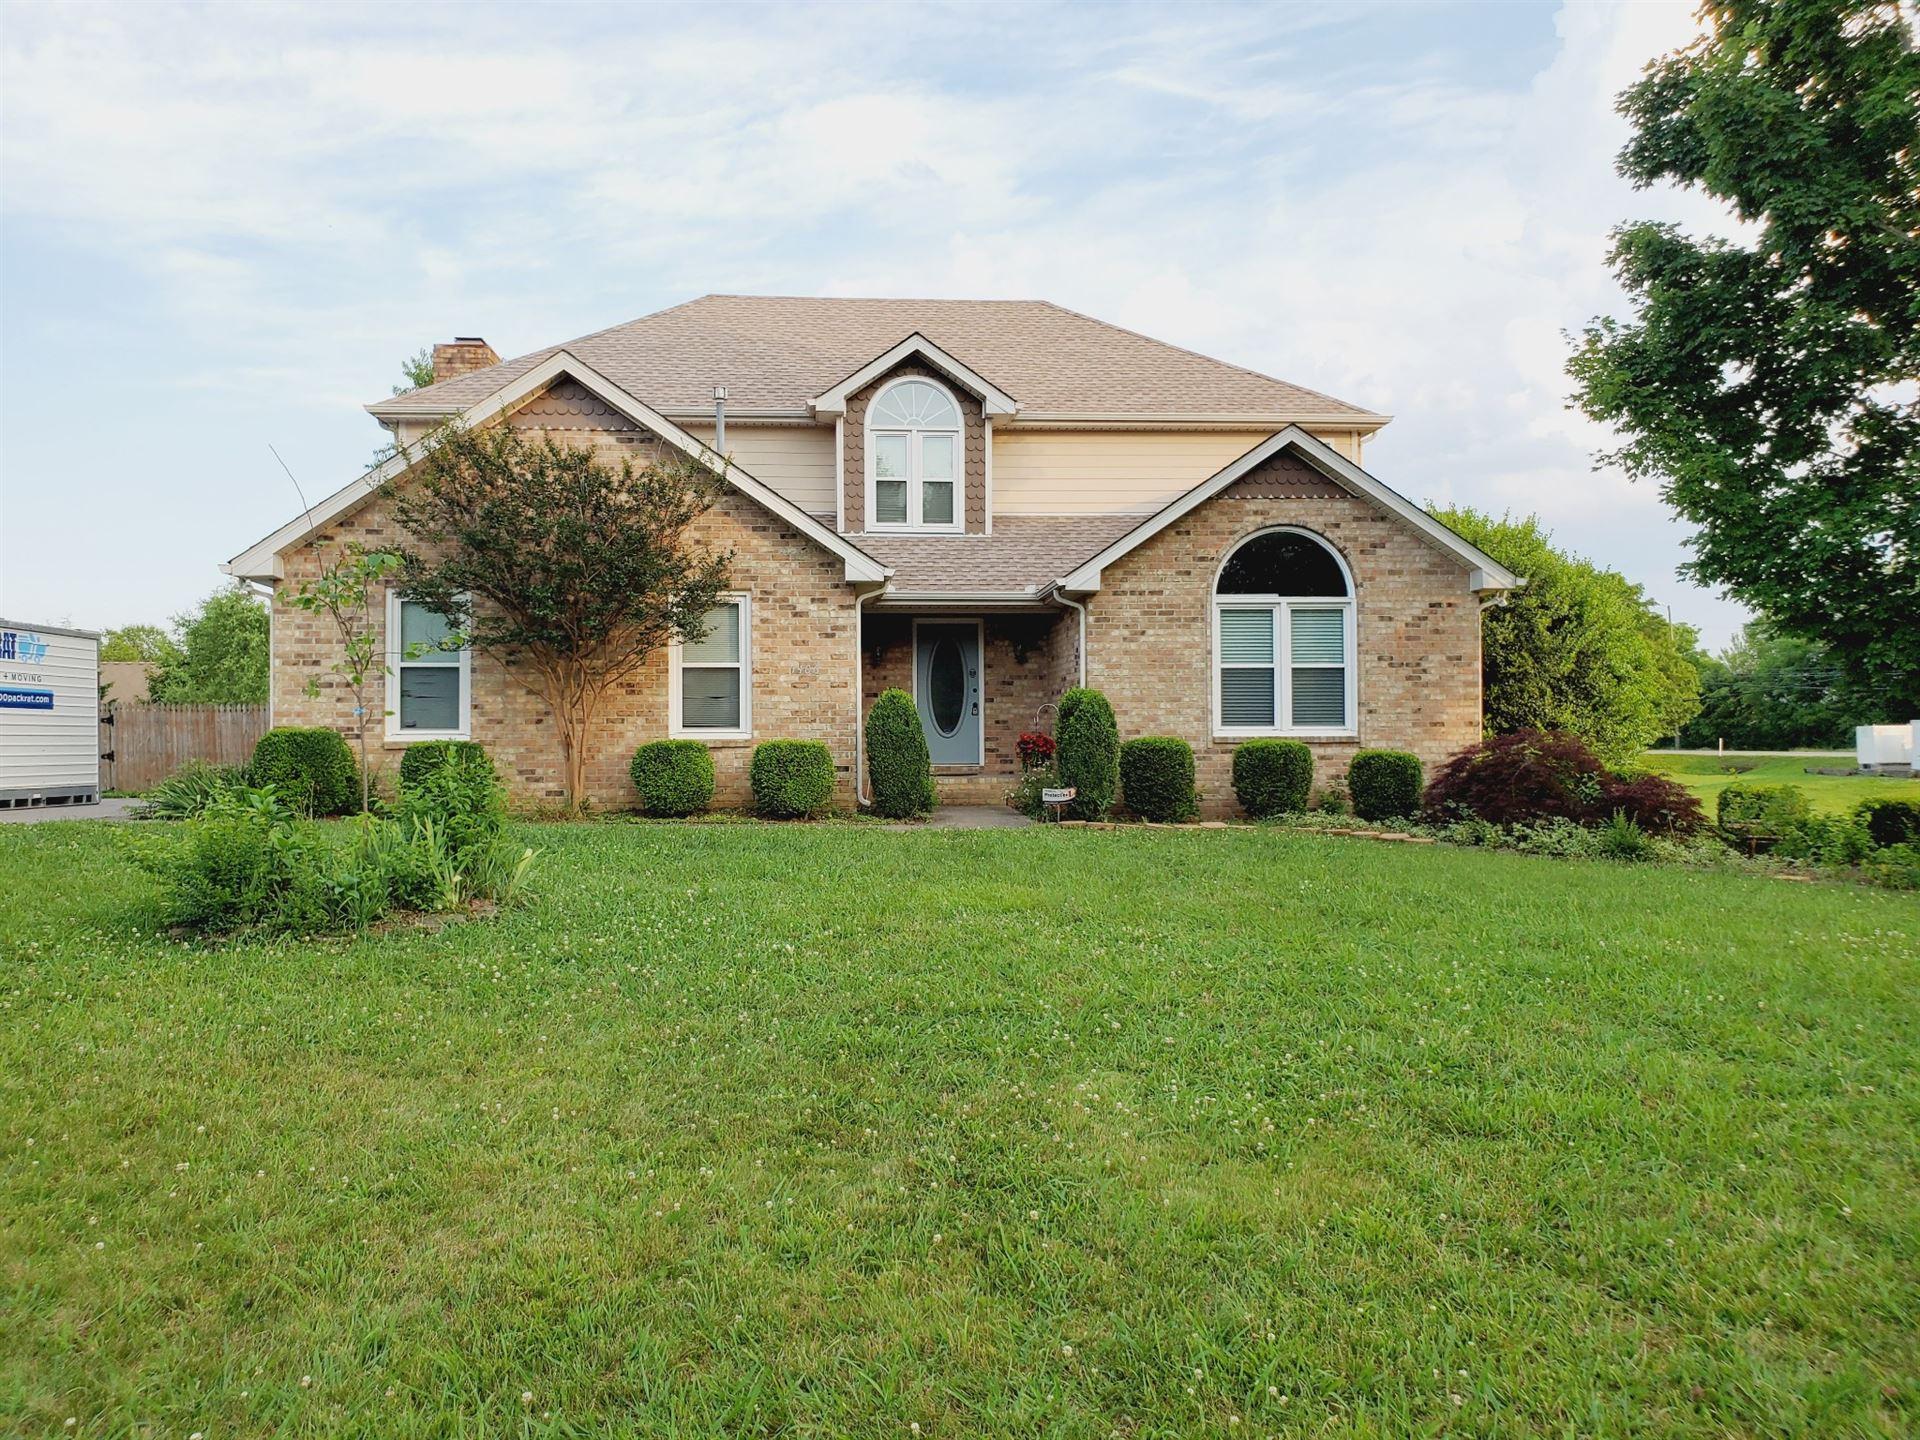 1406 Wall St, Murfreesboro, TN 37130 - MLS#: 2260321